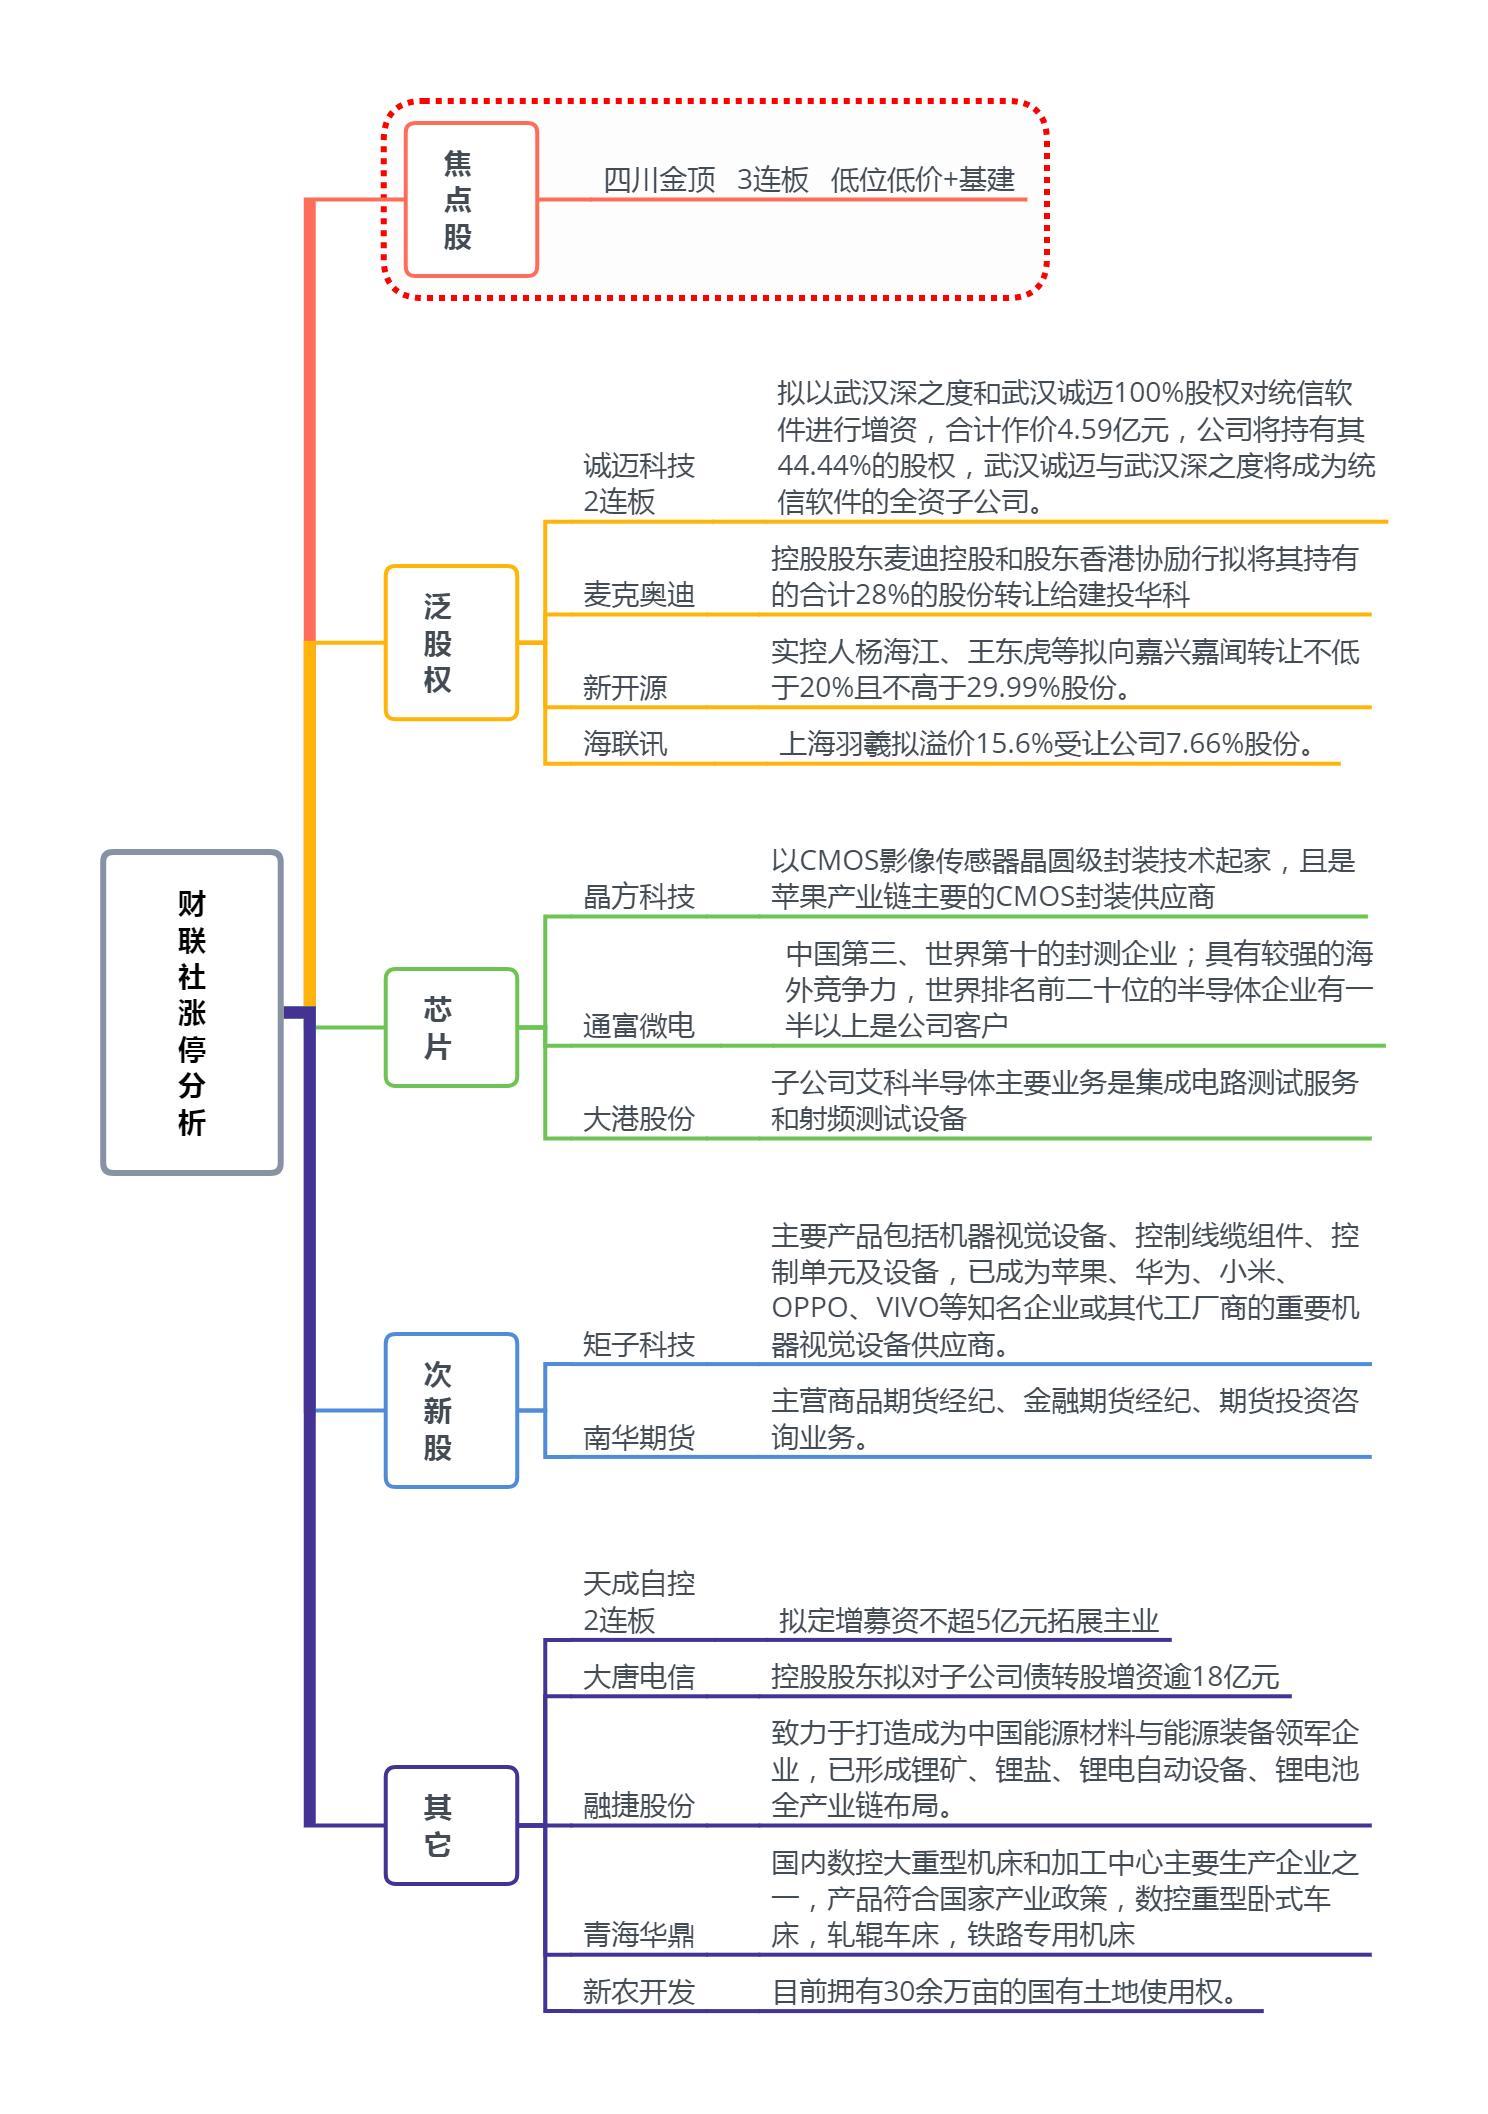 【财联社午报】资金回流芯片股 指数僵局待解